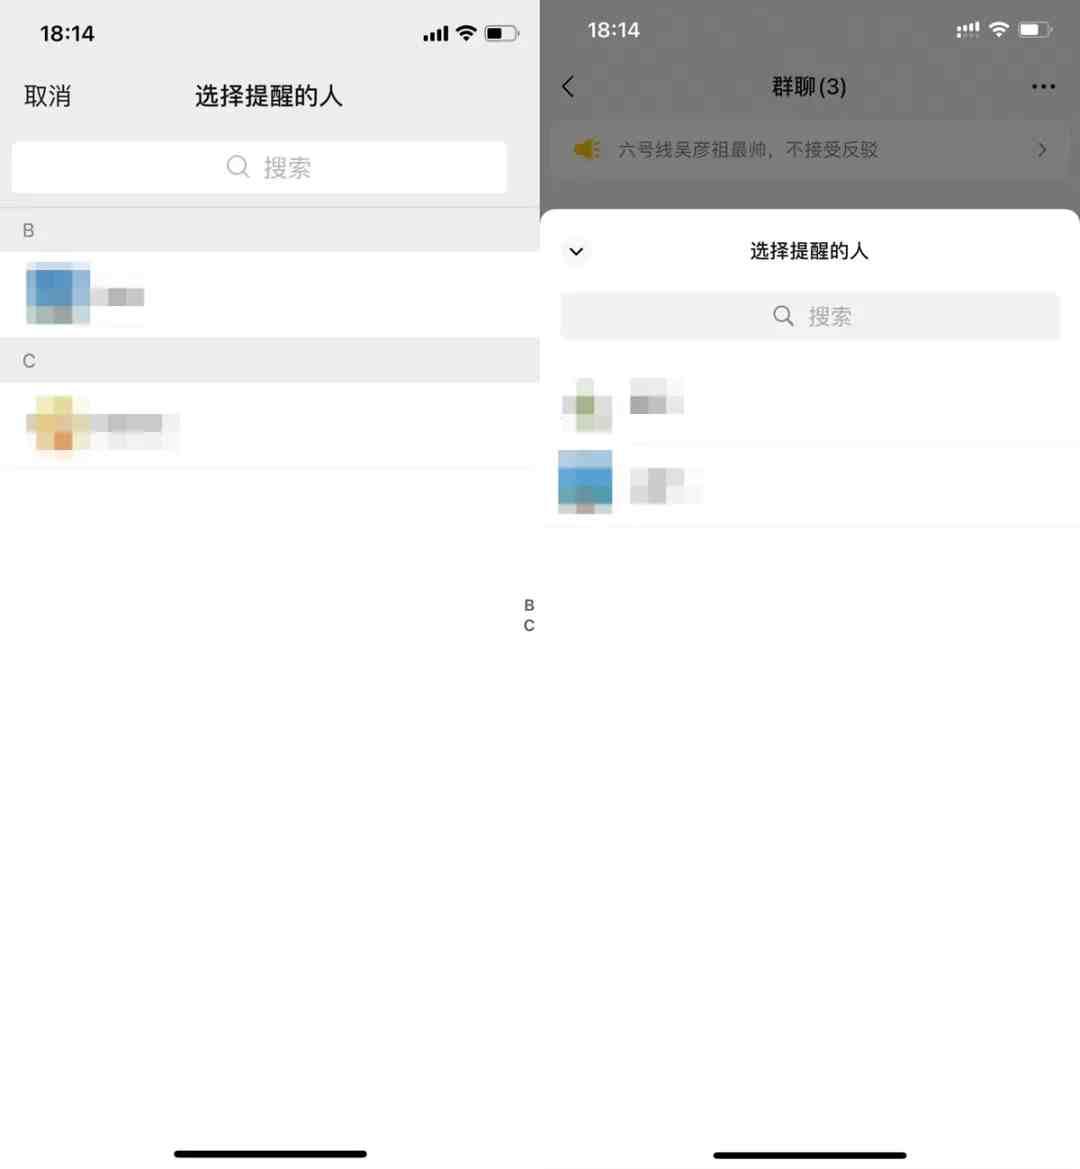 微信又更新了,被删除的聊天记录,终于能恢复了?